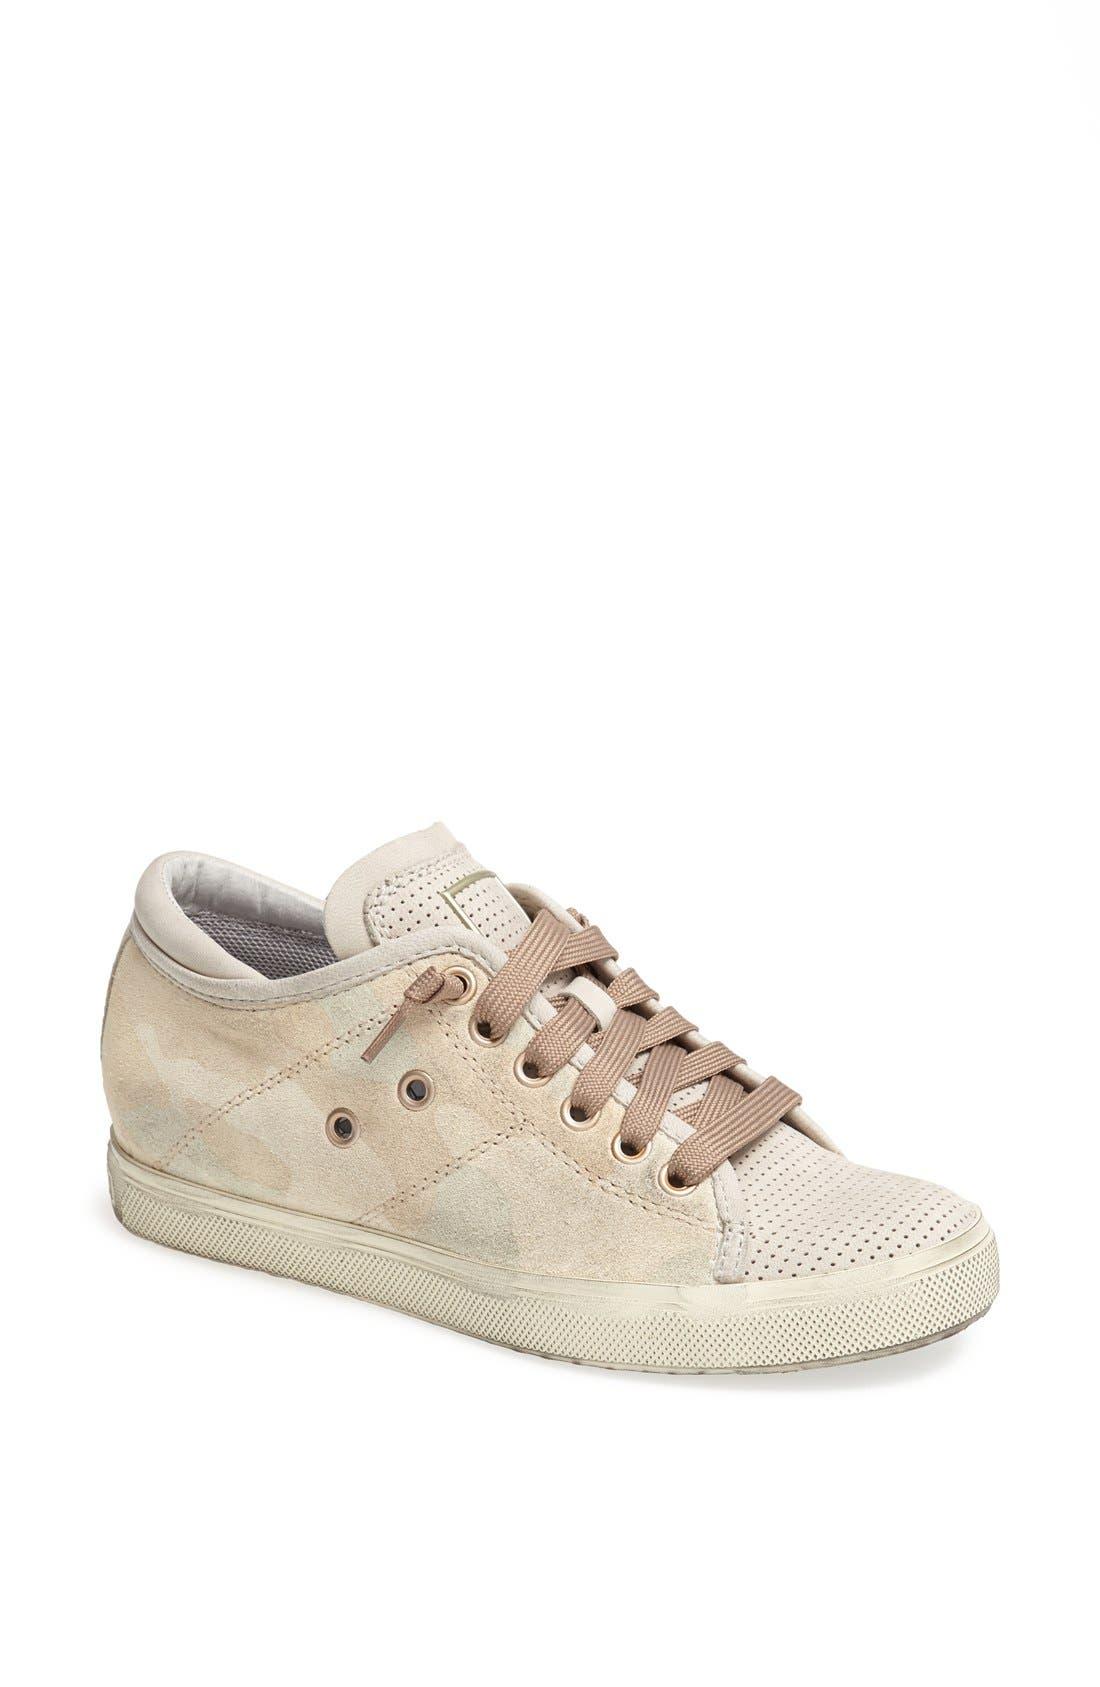 Main Image - Dolce Vita 'Zev' Sneaker